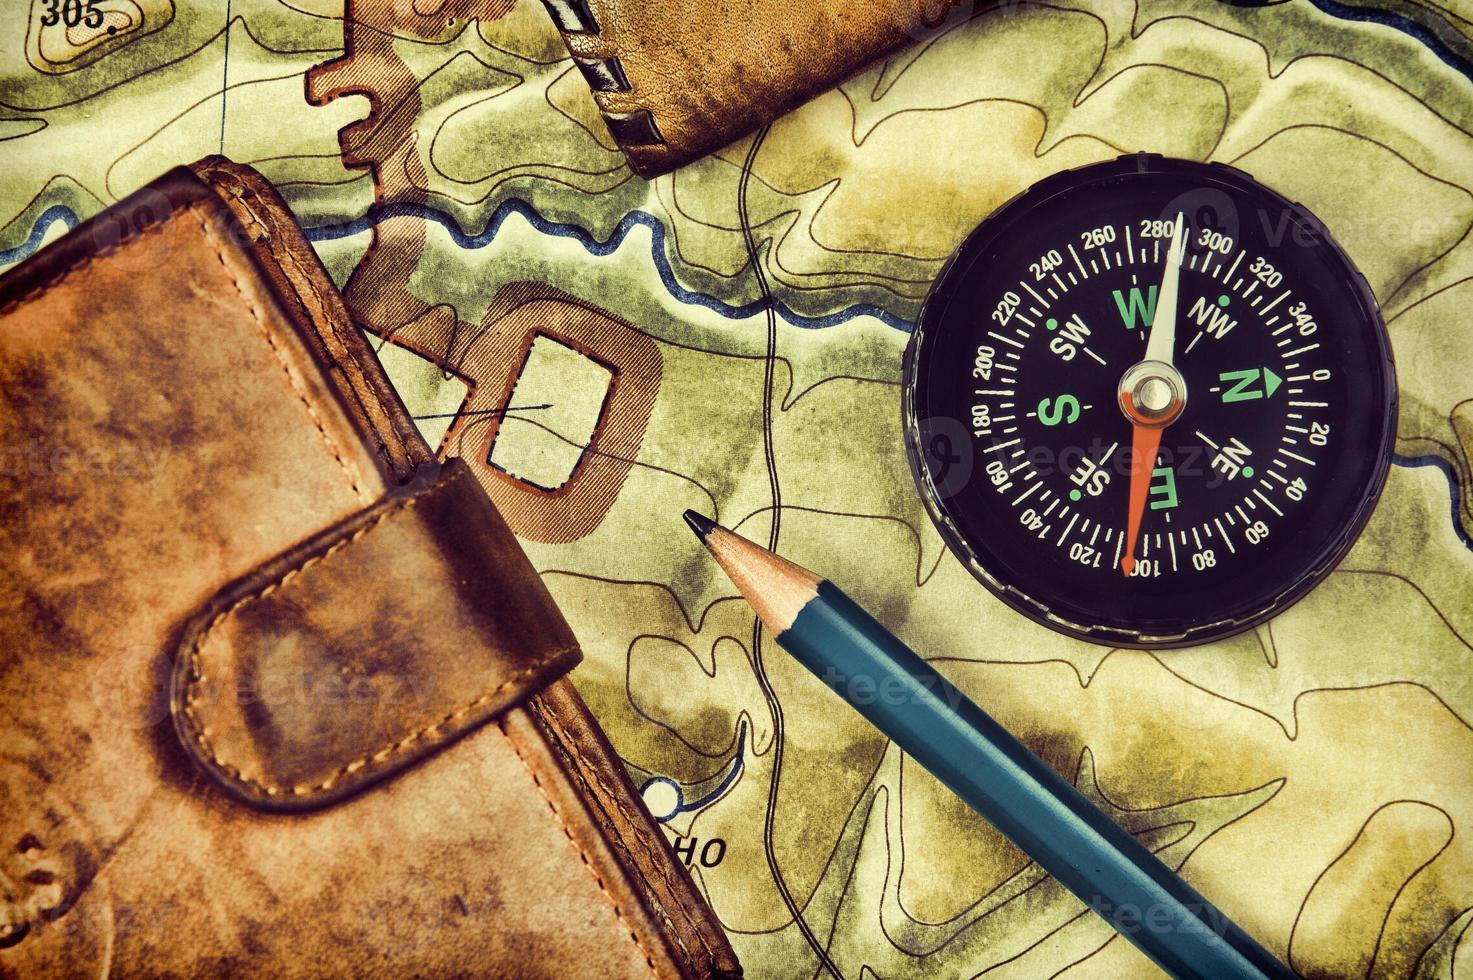 brújula billetera y pasaporte en el mapa antiguo foto